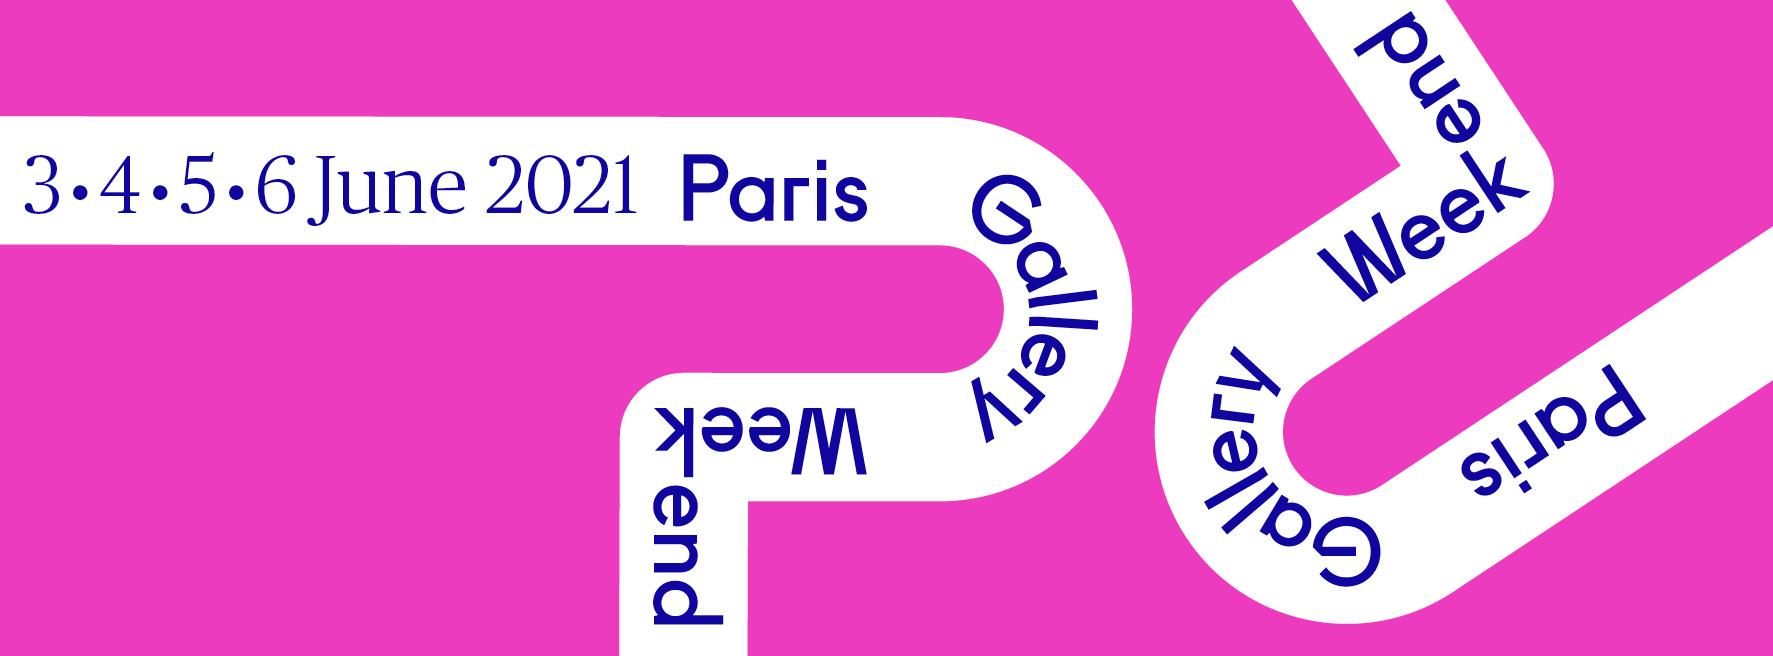 PARIS GALLERY WEEKEND – GALERIE POGGI